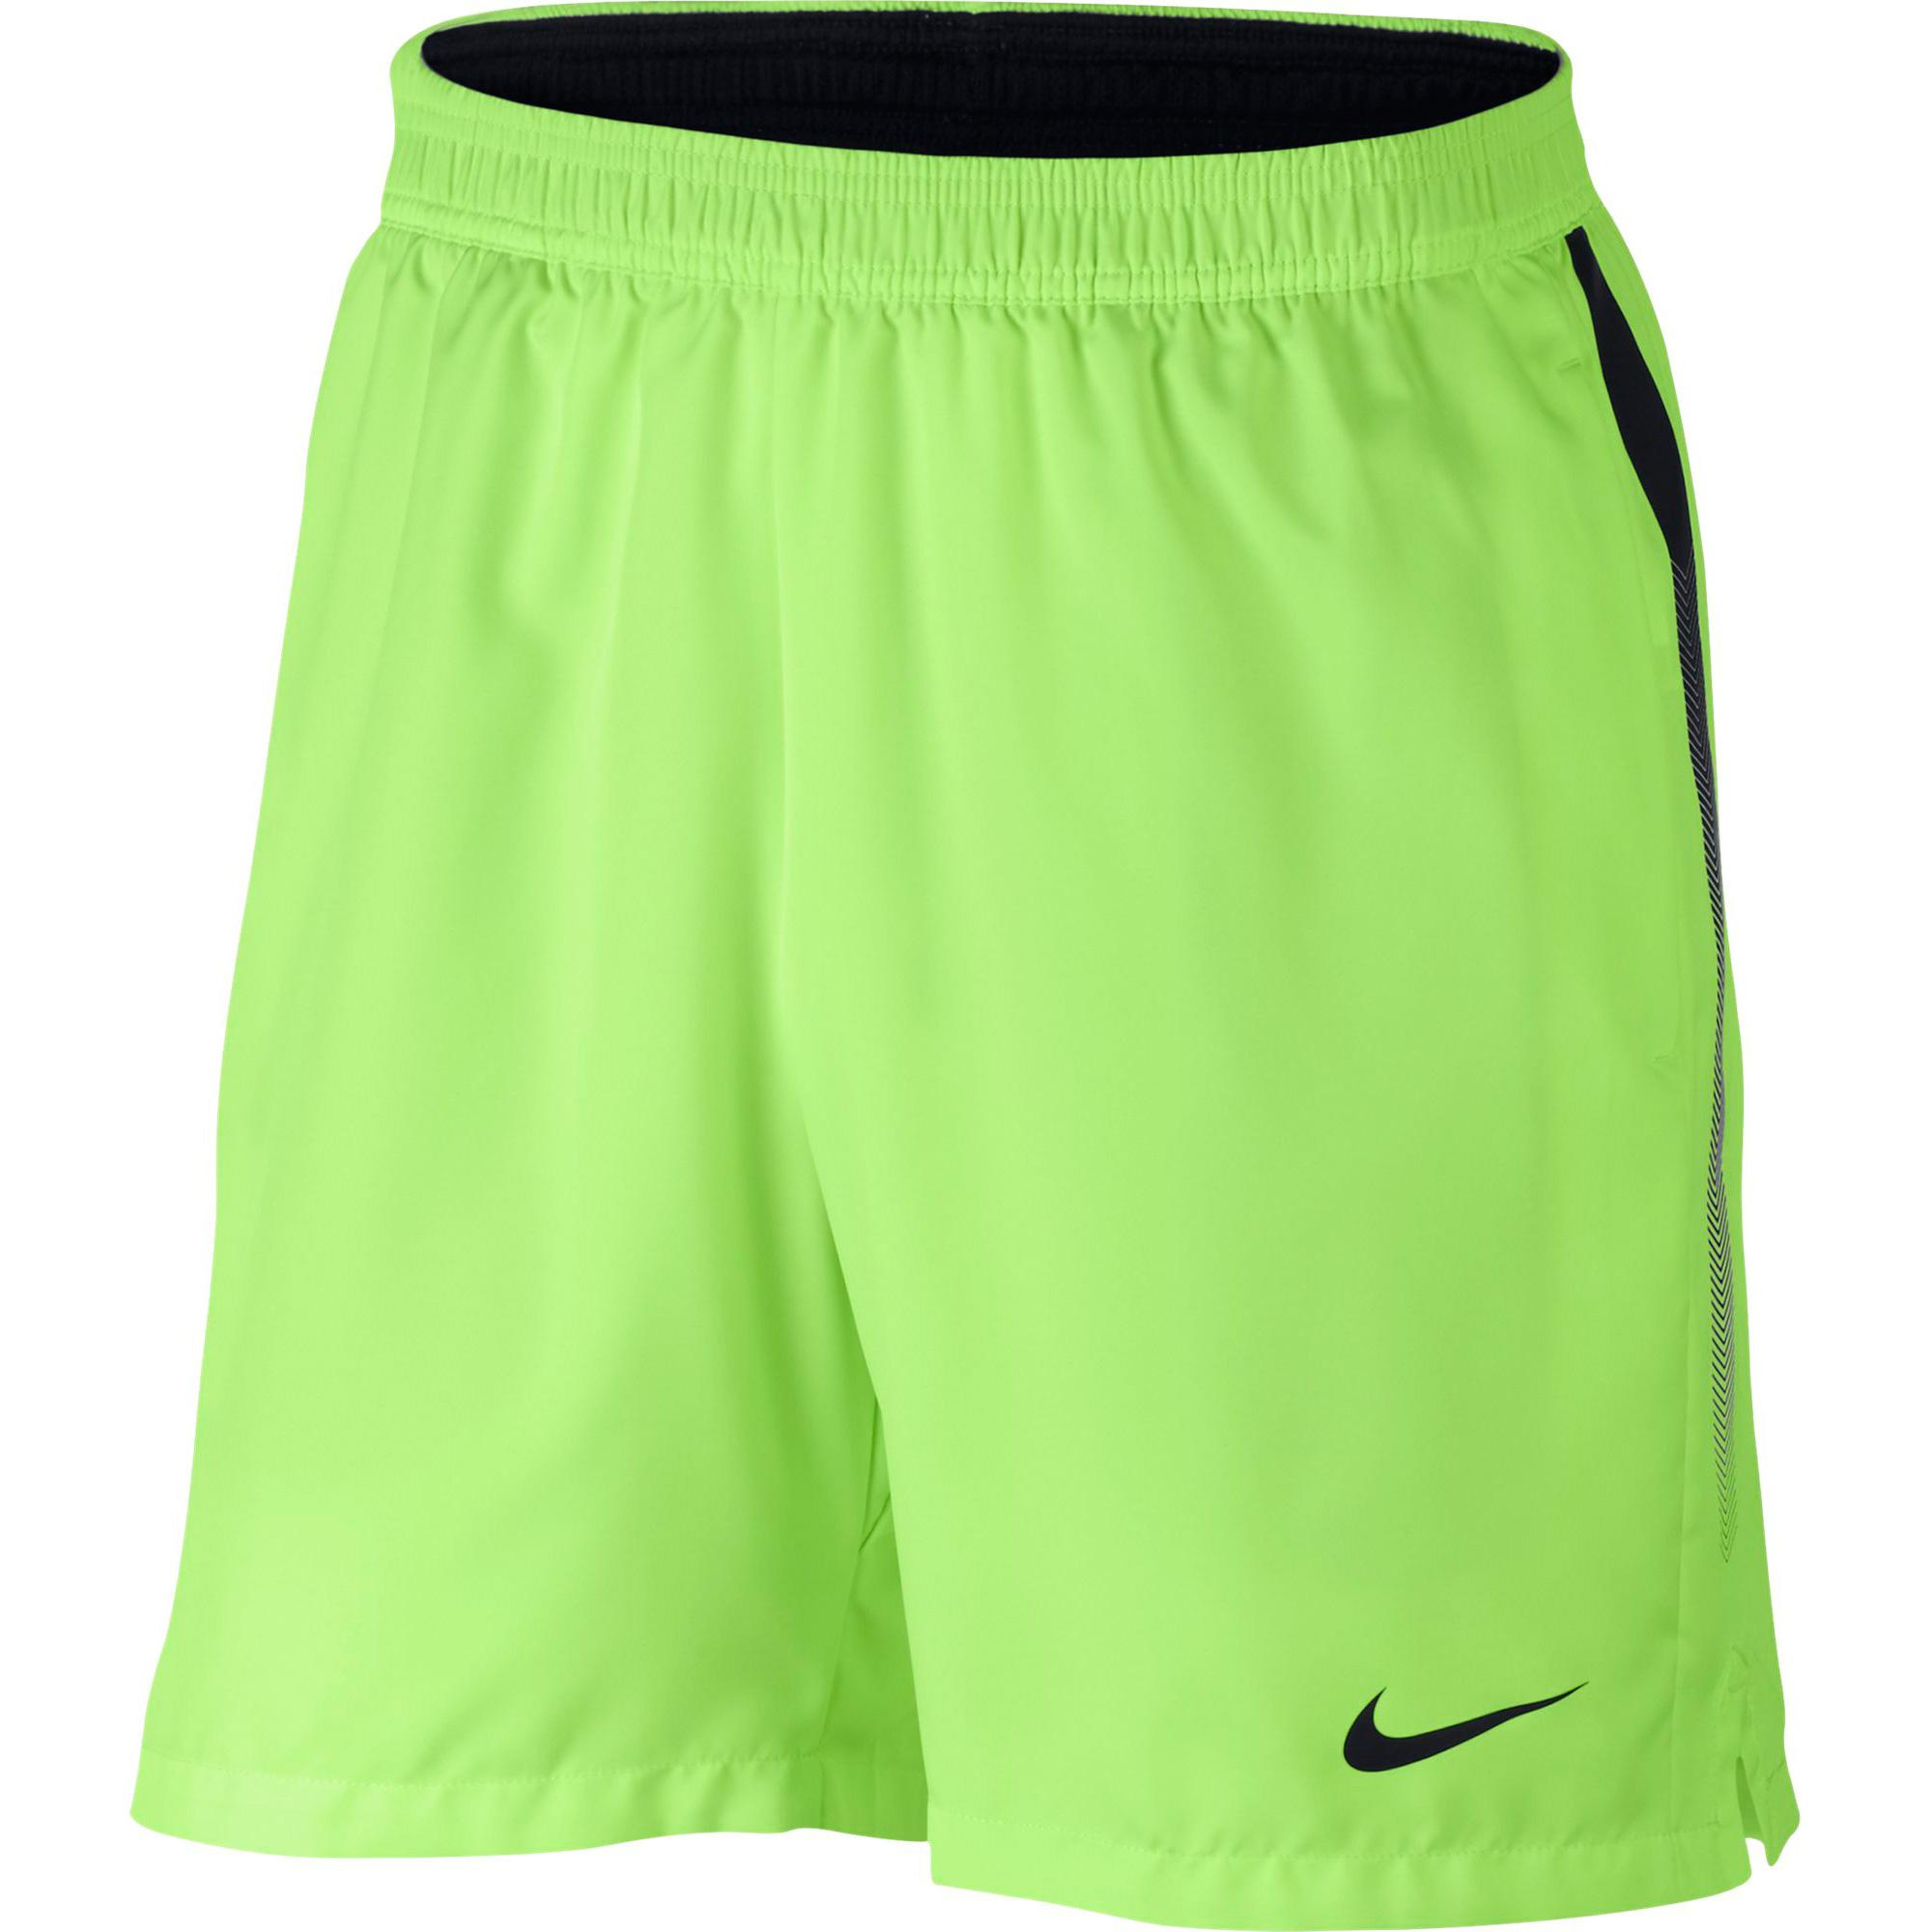 Nike Short Spring Woven 9